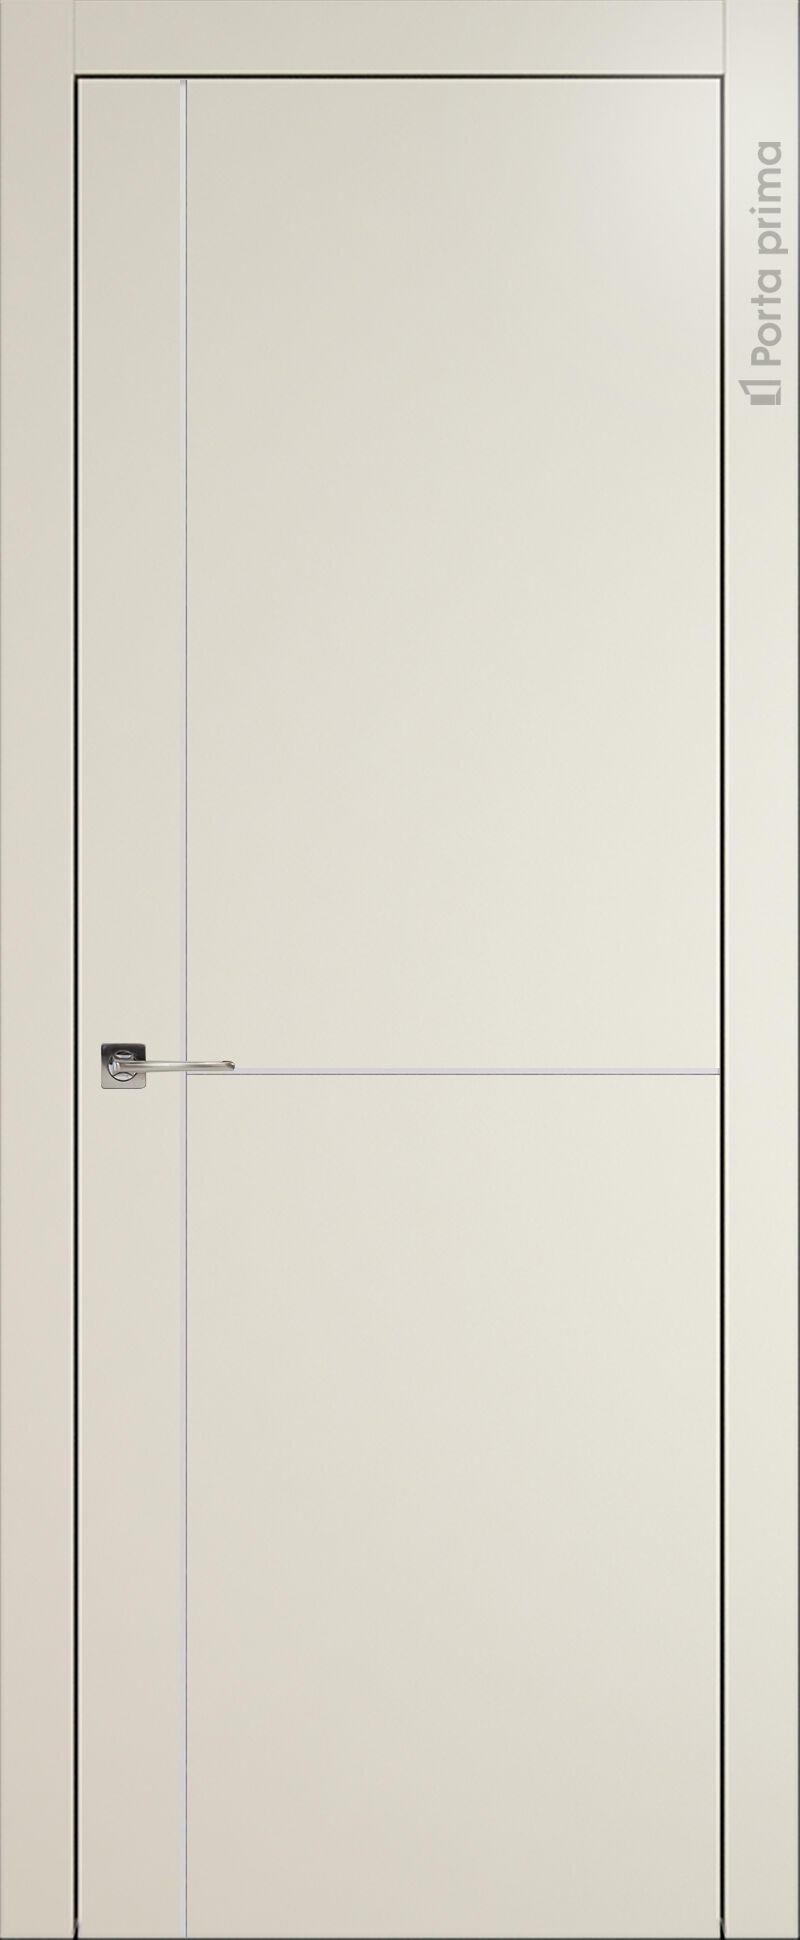 Tivoli Е-3 цвет - Жемчужная эмаль (RAL 1013) Без стекла (ДГ)